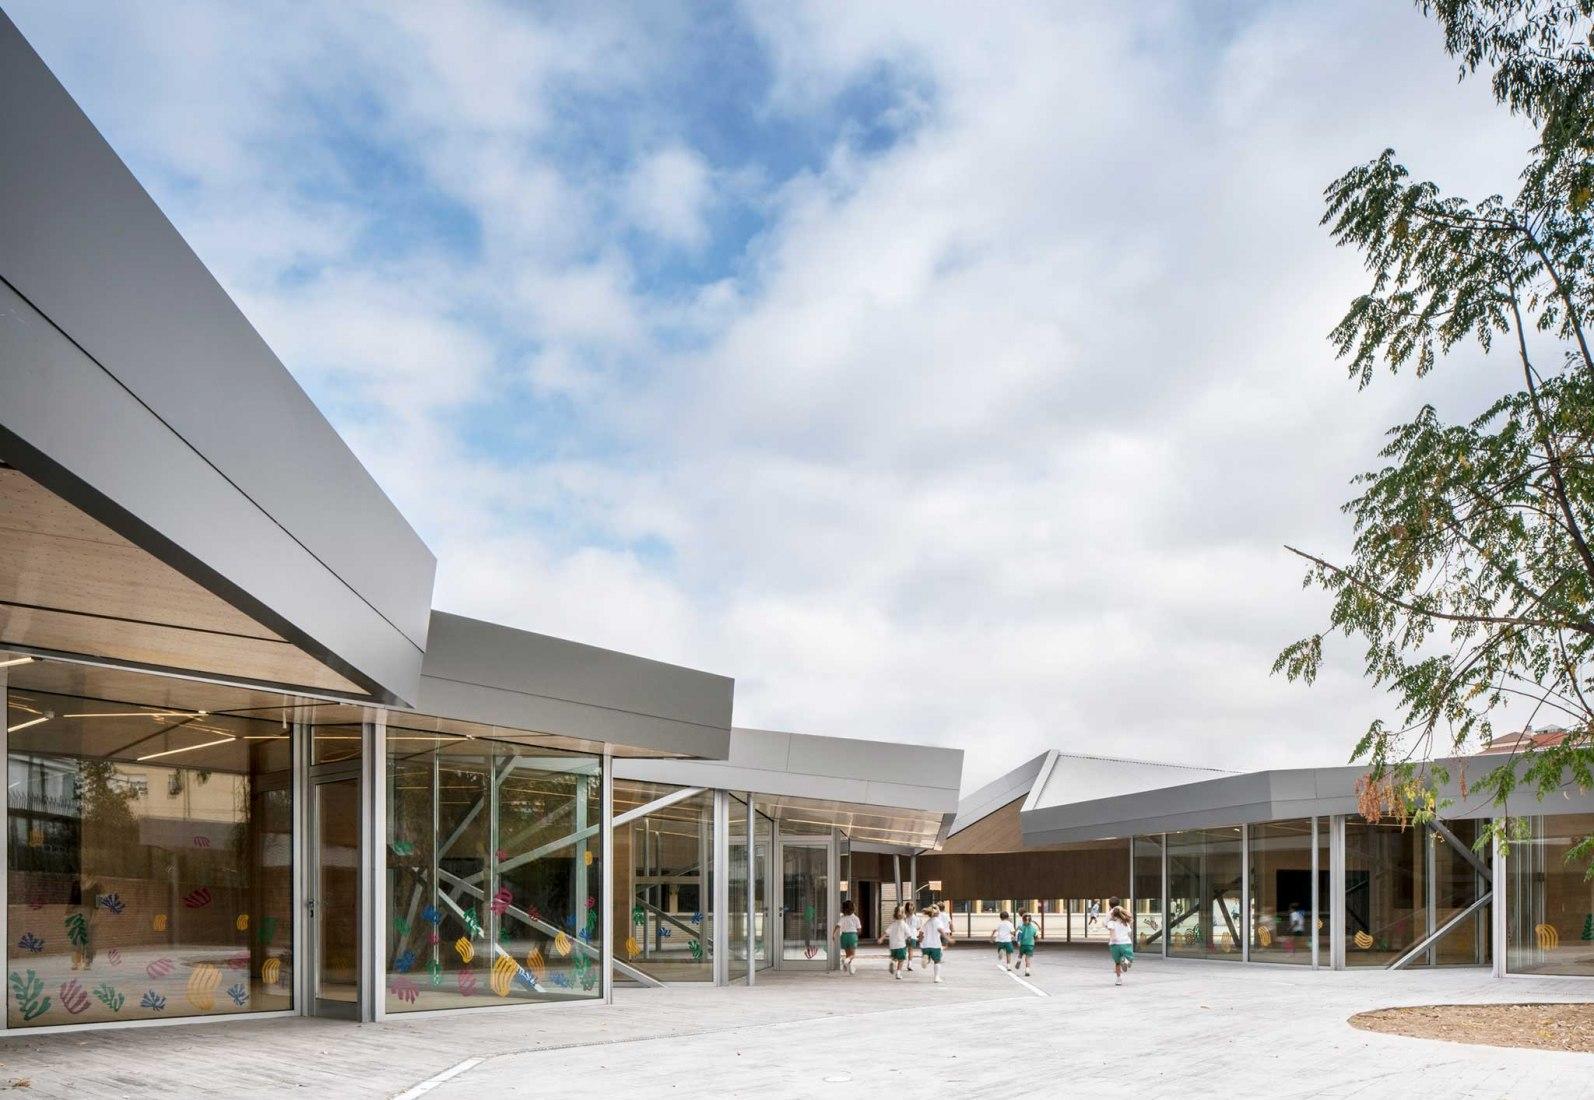 Nursey School BVMI by MGM Arquitectos. Photograph by Jesús Granada.